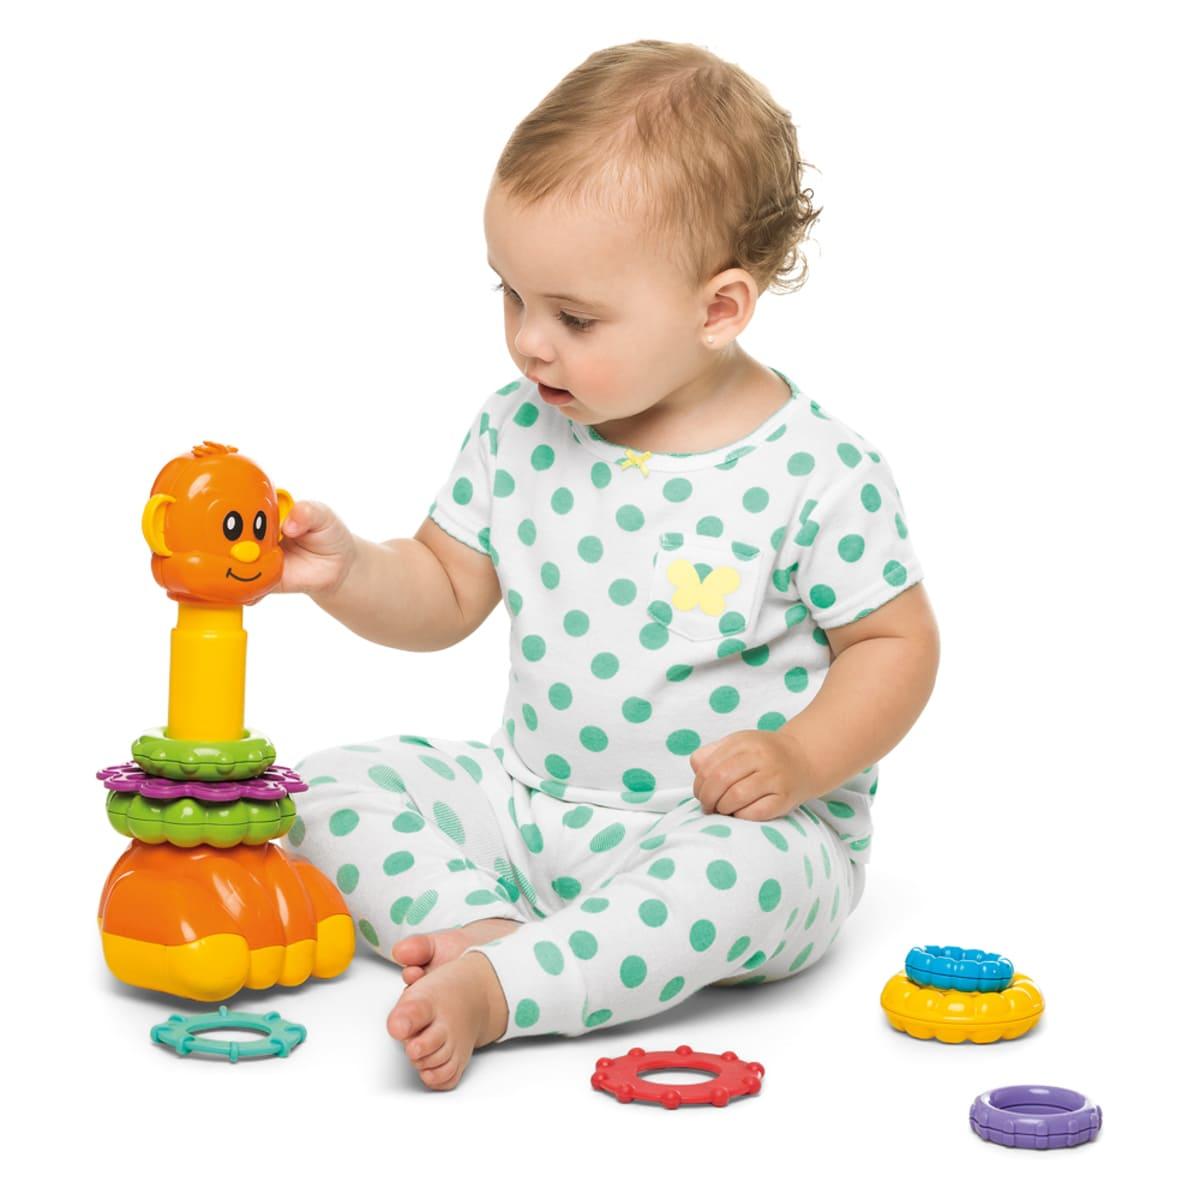 Brinquedo Infantil Zoo Argolas Encaixe Didático - Tateti